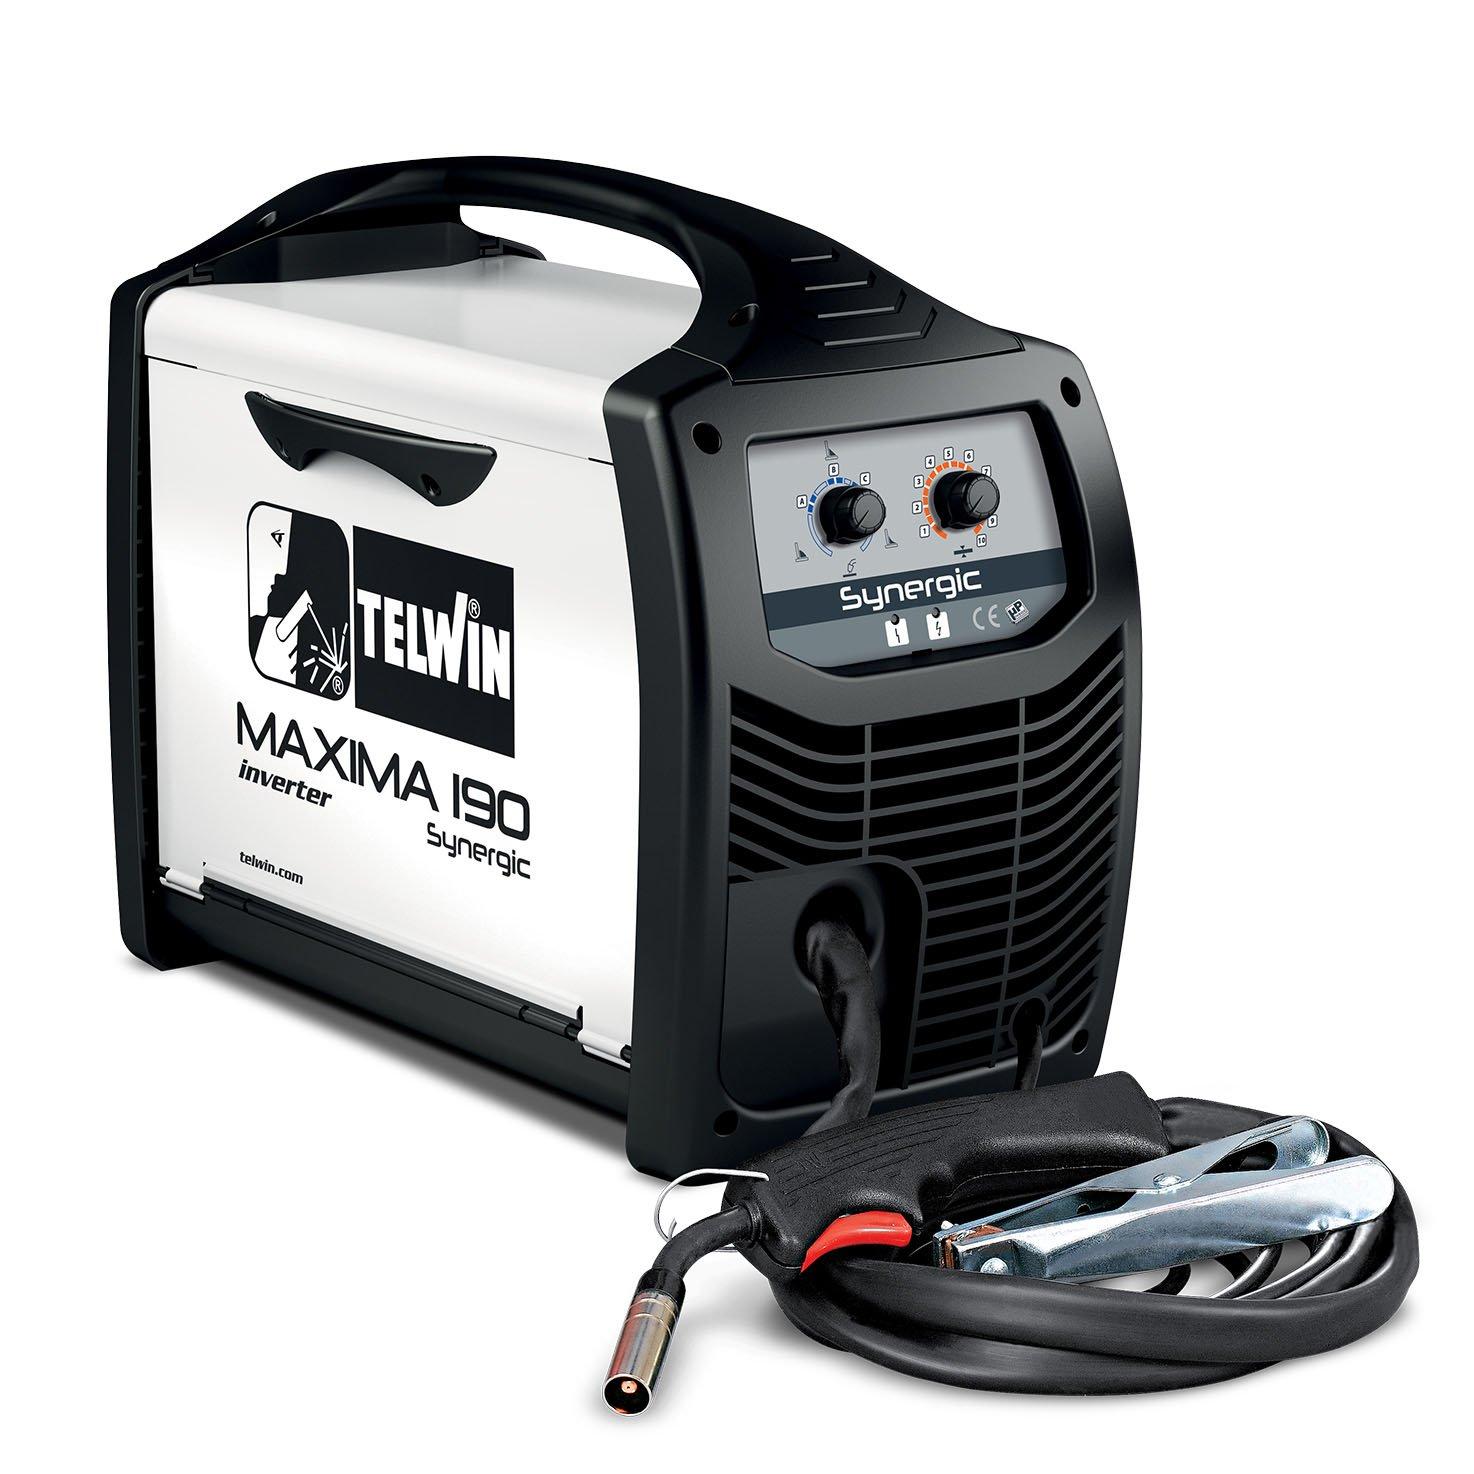 Telwin Maxima 190 Synergic Poste de Soudage Inverter /à Fil pour Soudage Mig-Mag//Flux//Brazing